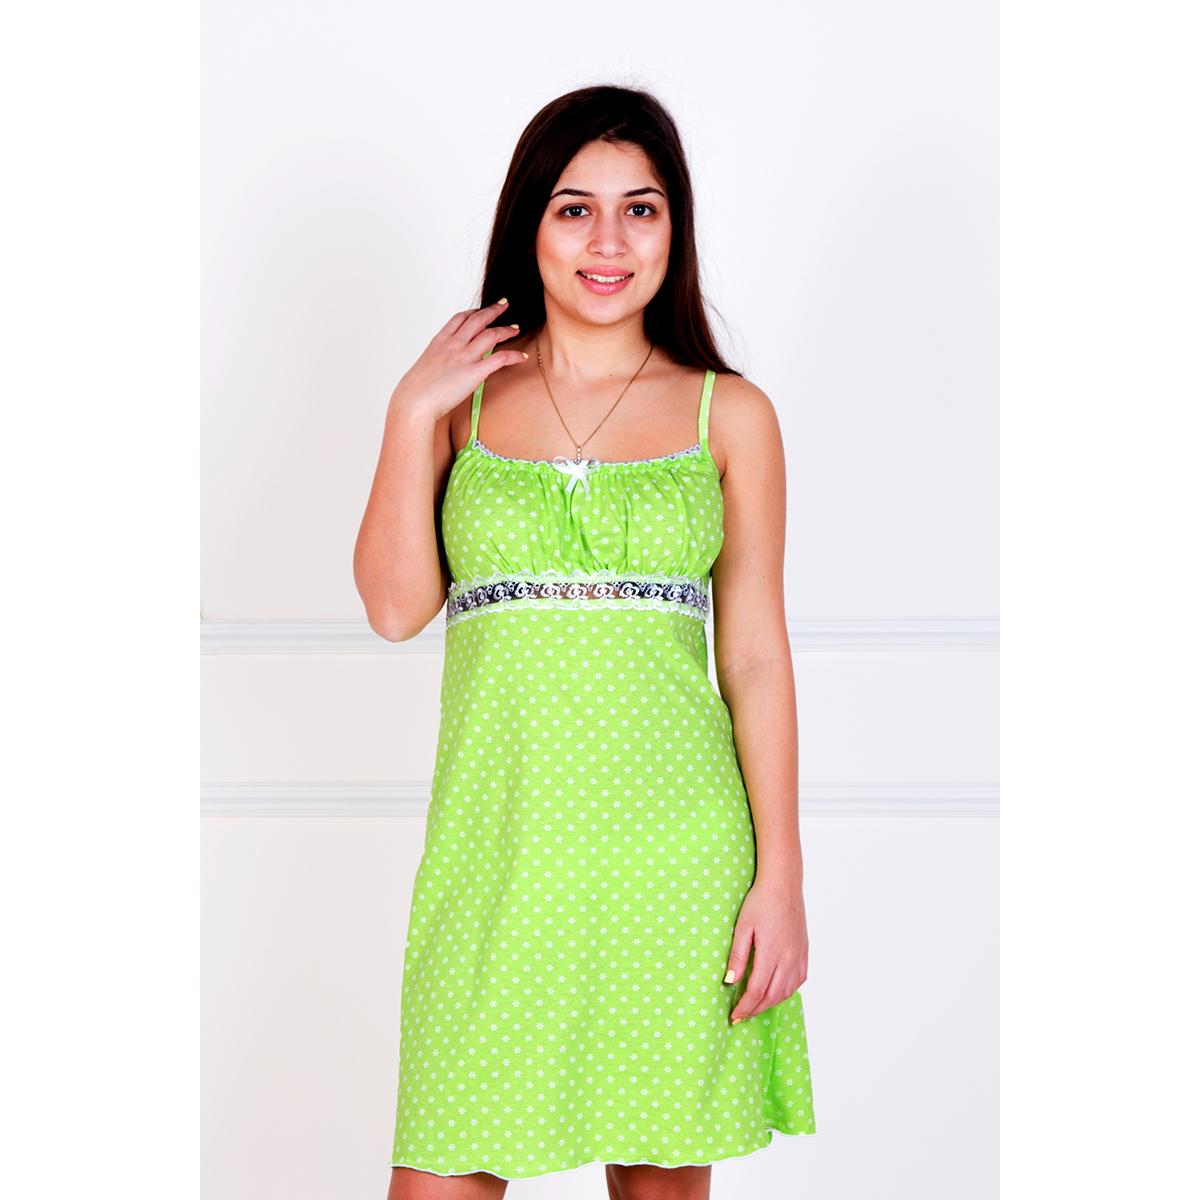 Женская сорочка Неженка Салатовый, размер 42Ночные сорочки<br>Обхват груди: 84 см <br>Обхват талии: 65 см <br>Обхват бедер: 92 см <br>Рост: 167 см<br><br>Тип: Жен. сорочка<br>Размер: 42<br>Материал: Кулирка